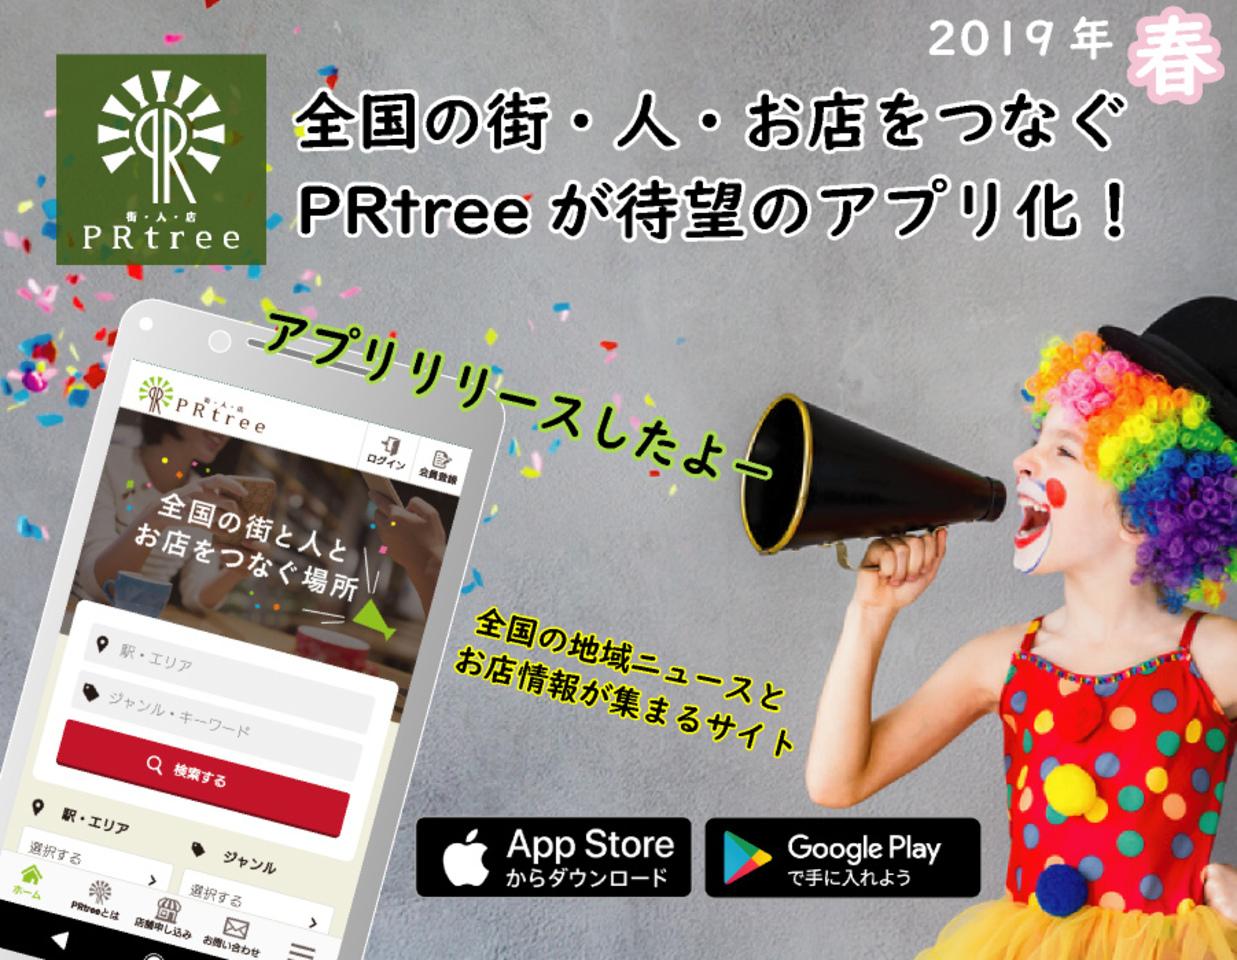 『PRtree』iOS・Androidアプリをリリースしました。